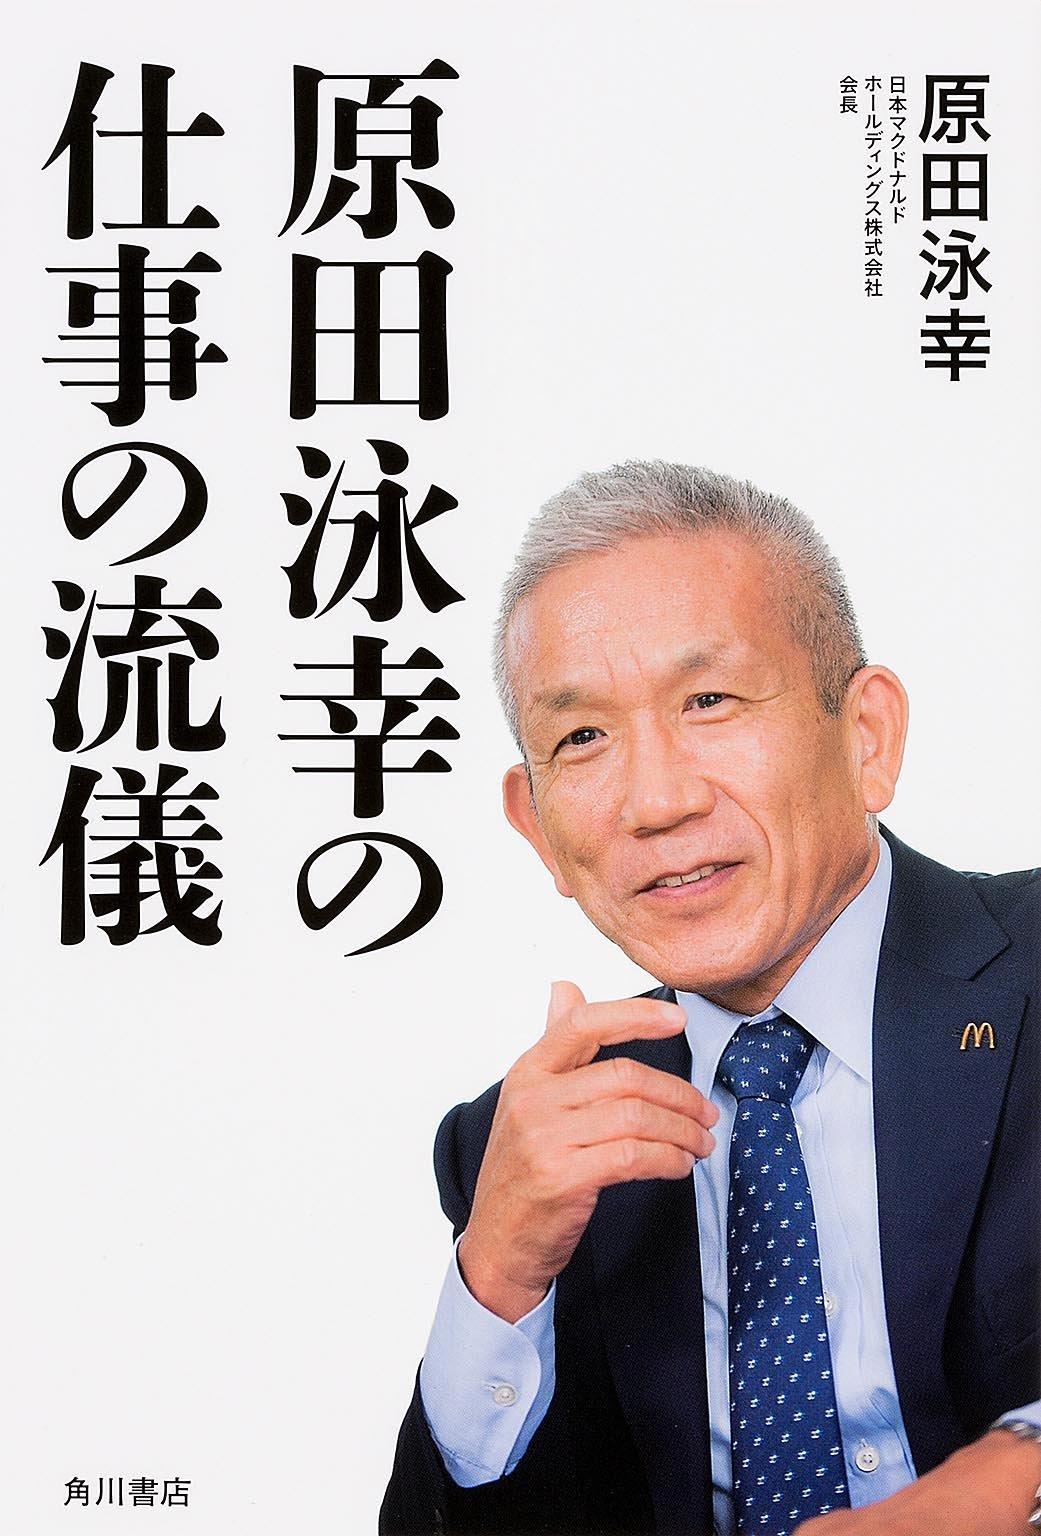 マクドナルド 原田 日本